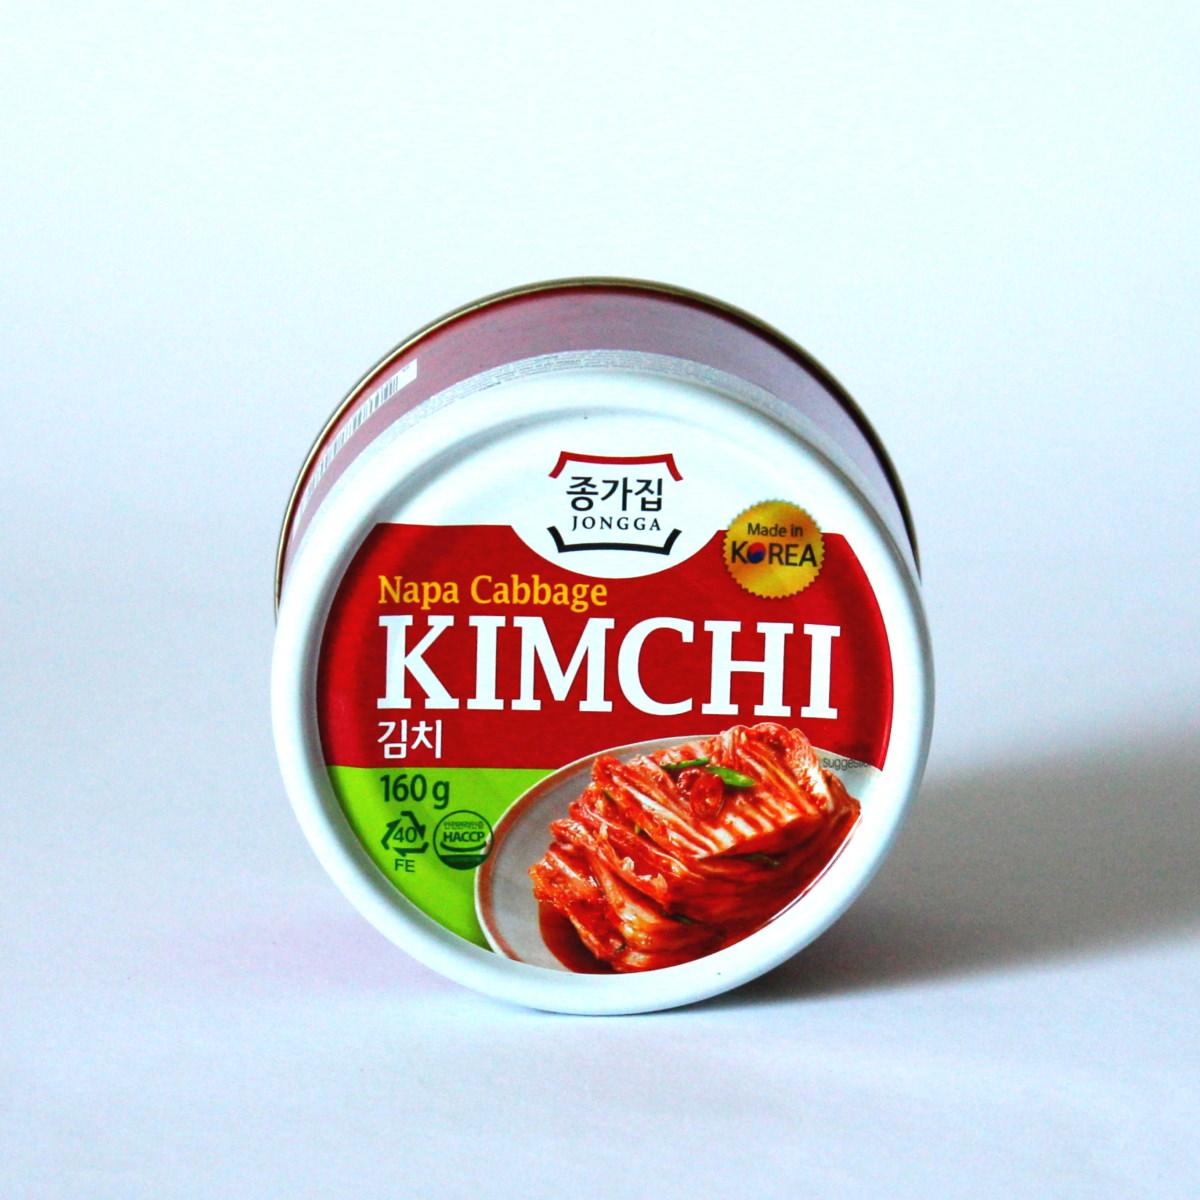 Kimchi 160g (Napa Kohl), JONGGA